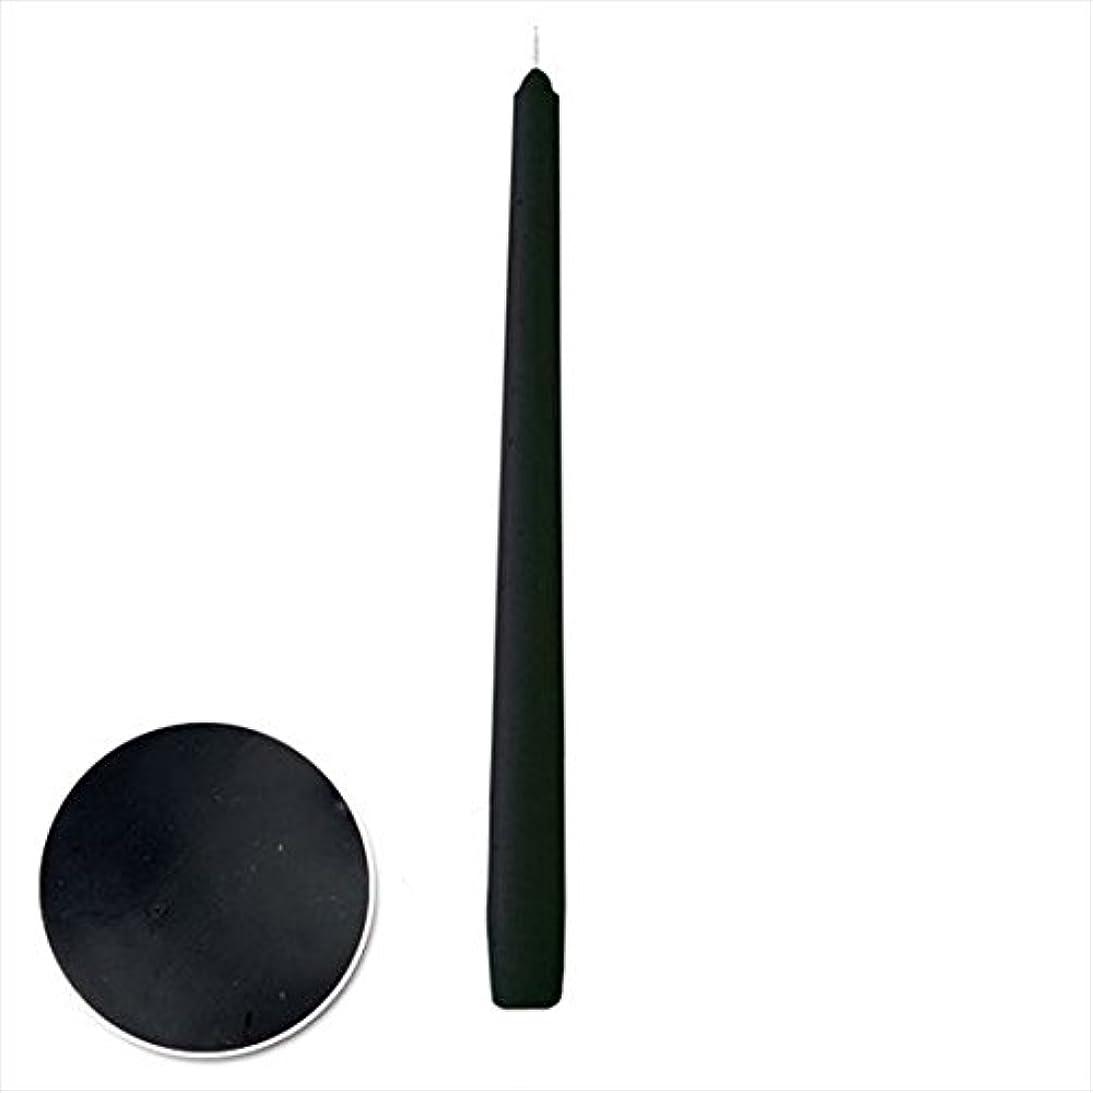 カロリーアノイ音声学カメヤマキャンドル(kameyama candle) 12インチテーパー 「 ブラック 」 12本入り